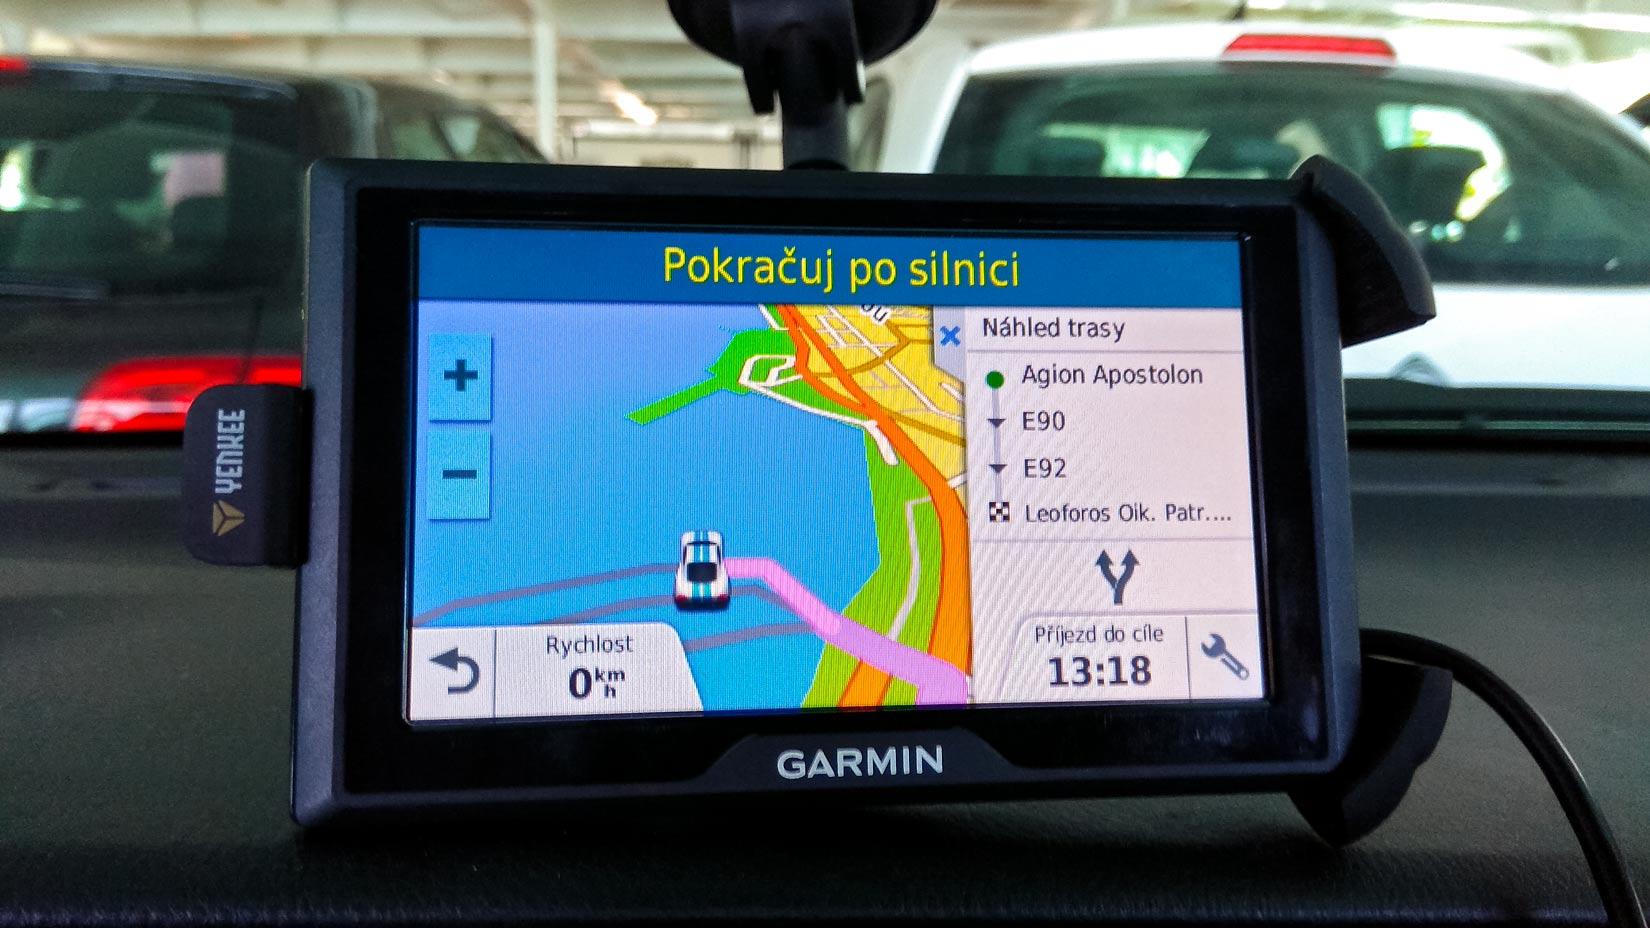 Sedím za volantem , zatím ještě v trajektu a volím trasu...